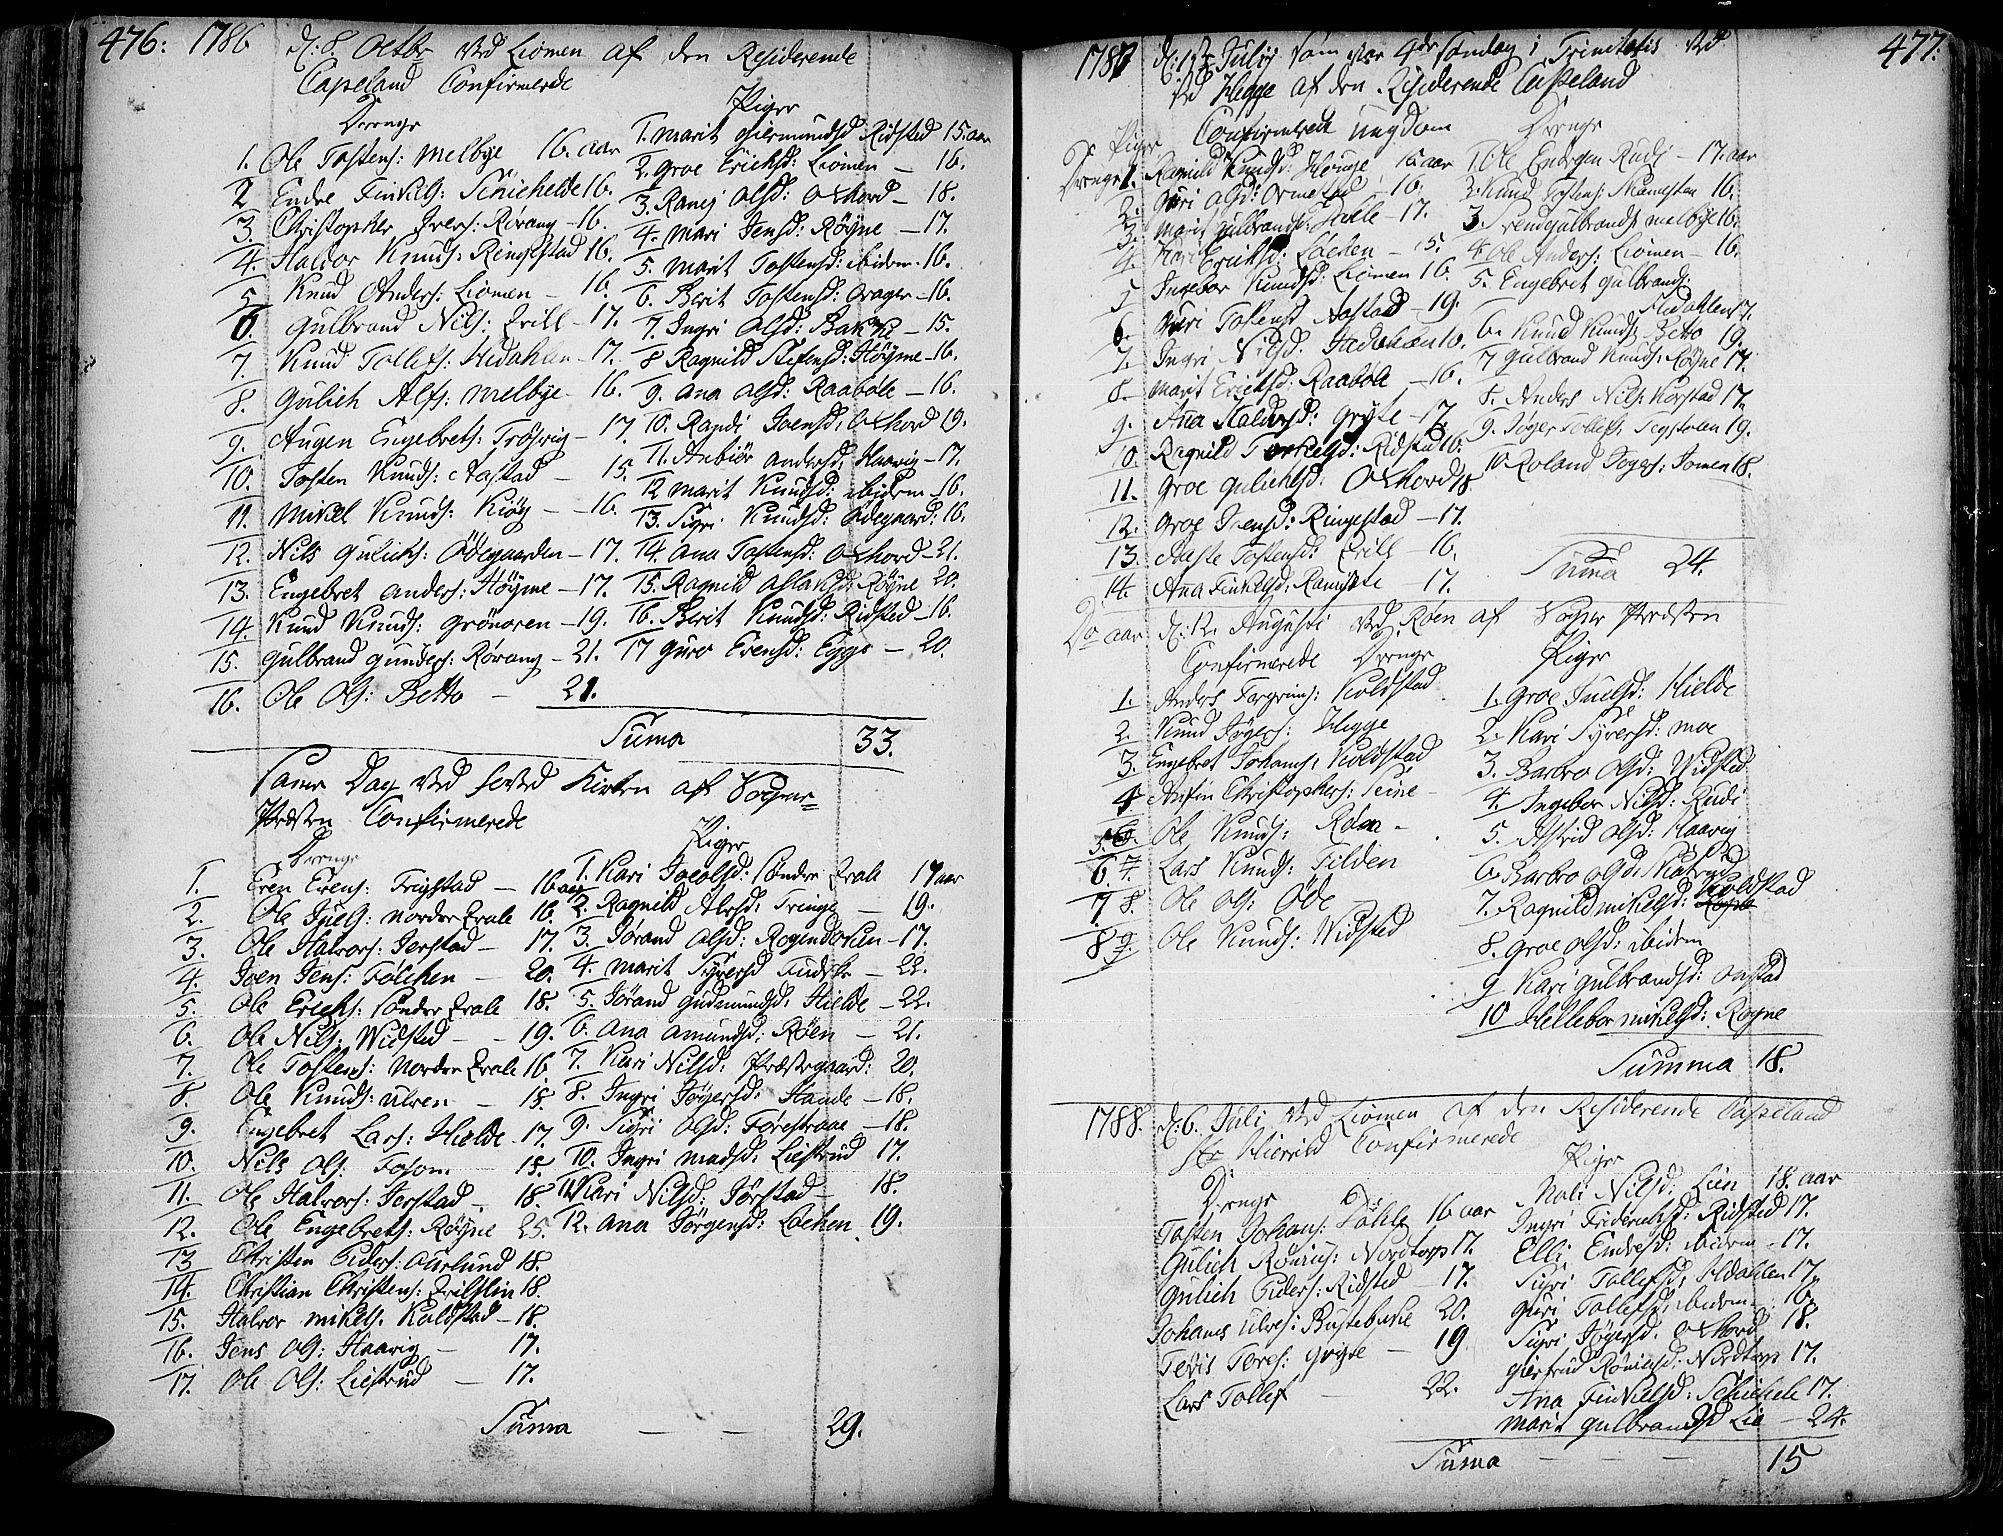 SAH, Slidre prestekontor, Ministerialbok nr. 1, 1724-1814, s. 476-477